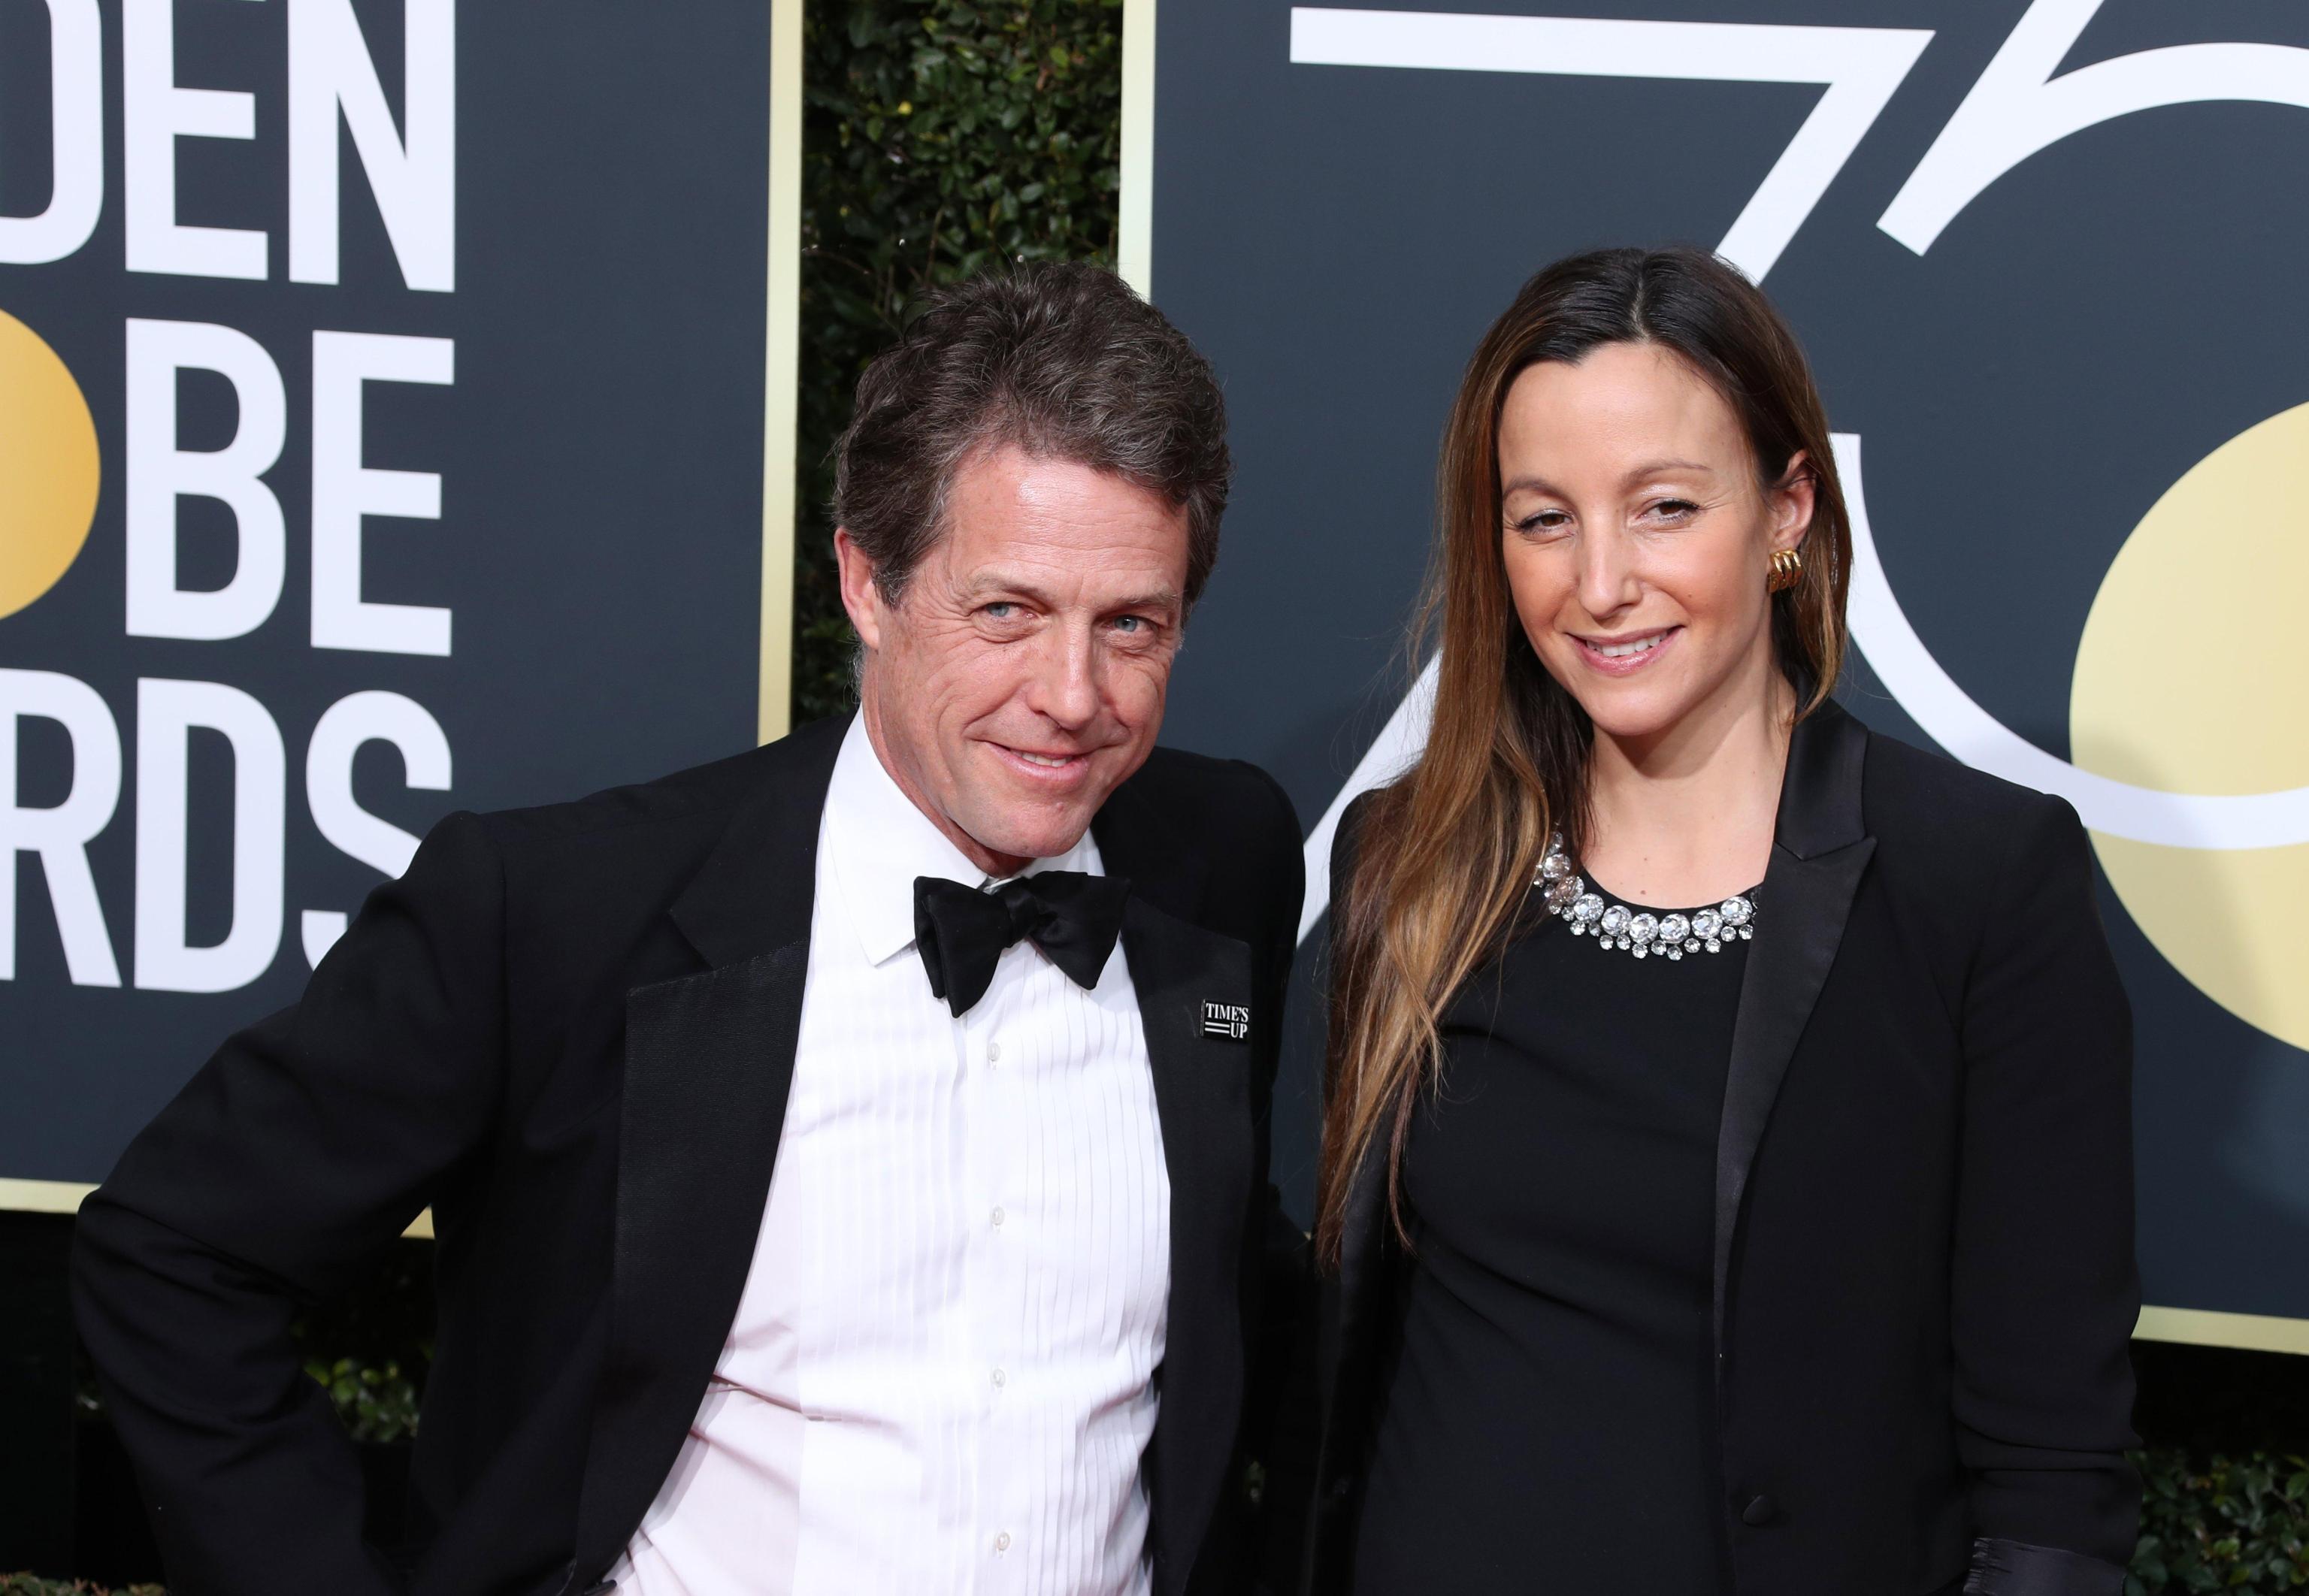 Hugh Grant si sposa: il matrimonio con Anna Eberstein a fine maggio